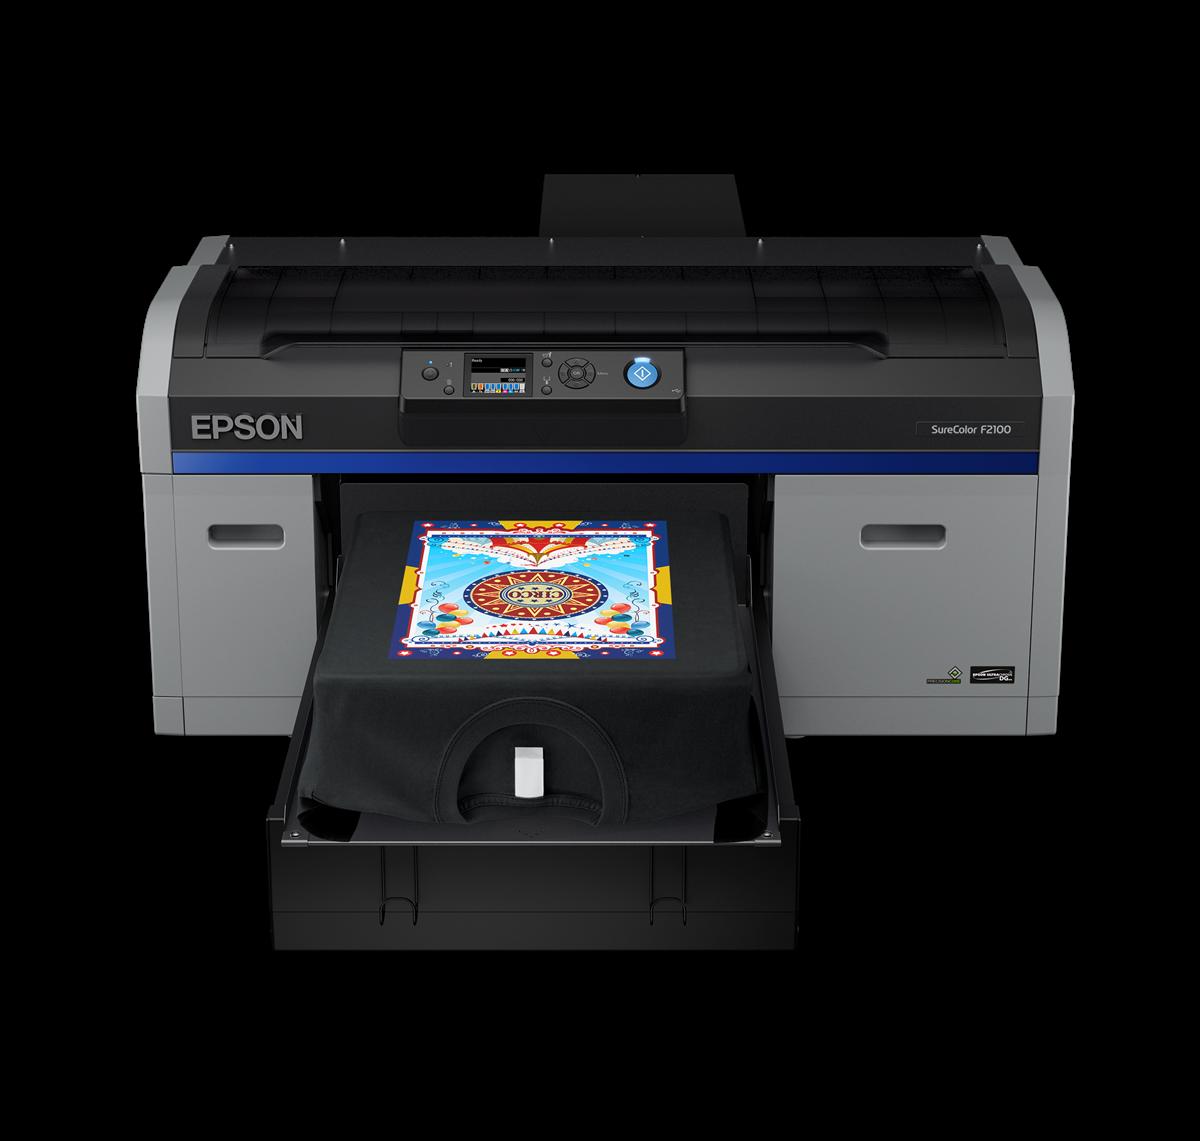 epson surecolor f2100 price epson f2000 price